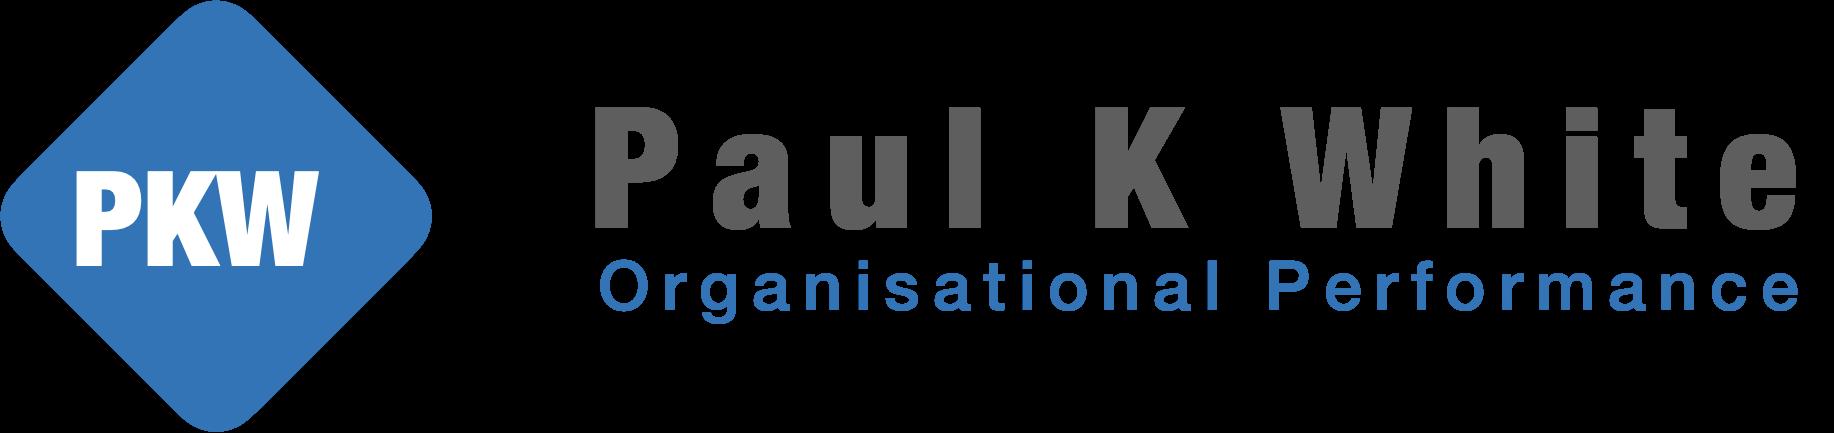 Paul K White